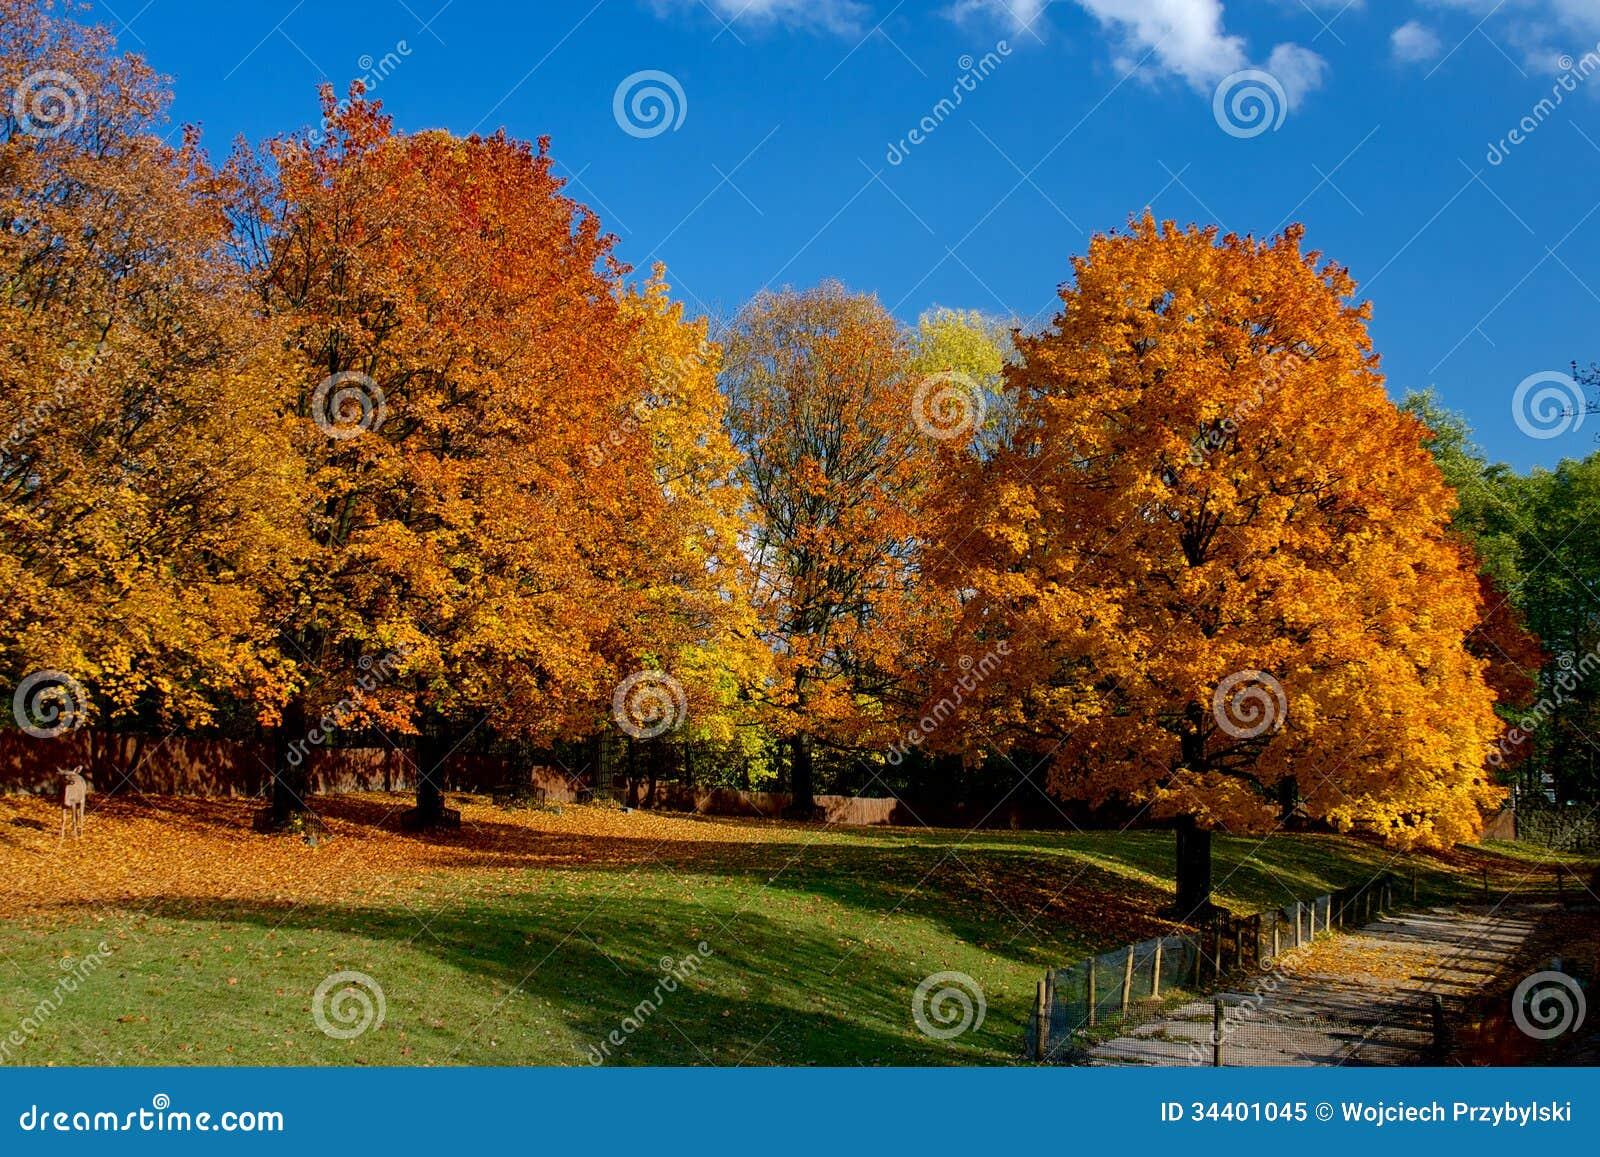 Hojas Amarillas Y Rojas En árboles En El Otoño, Octubre Imagen de ...